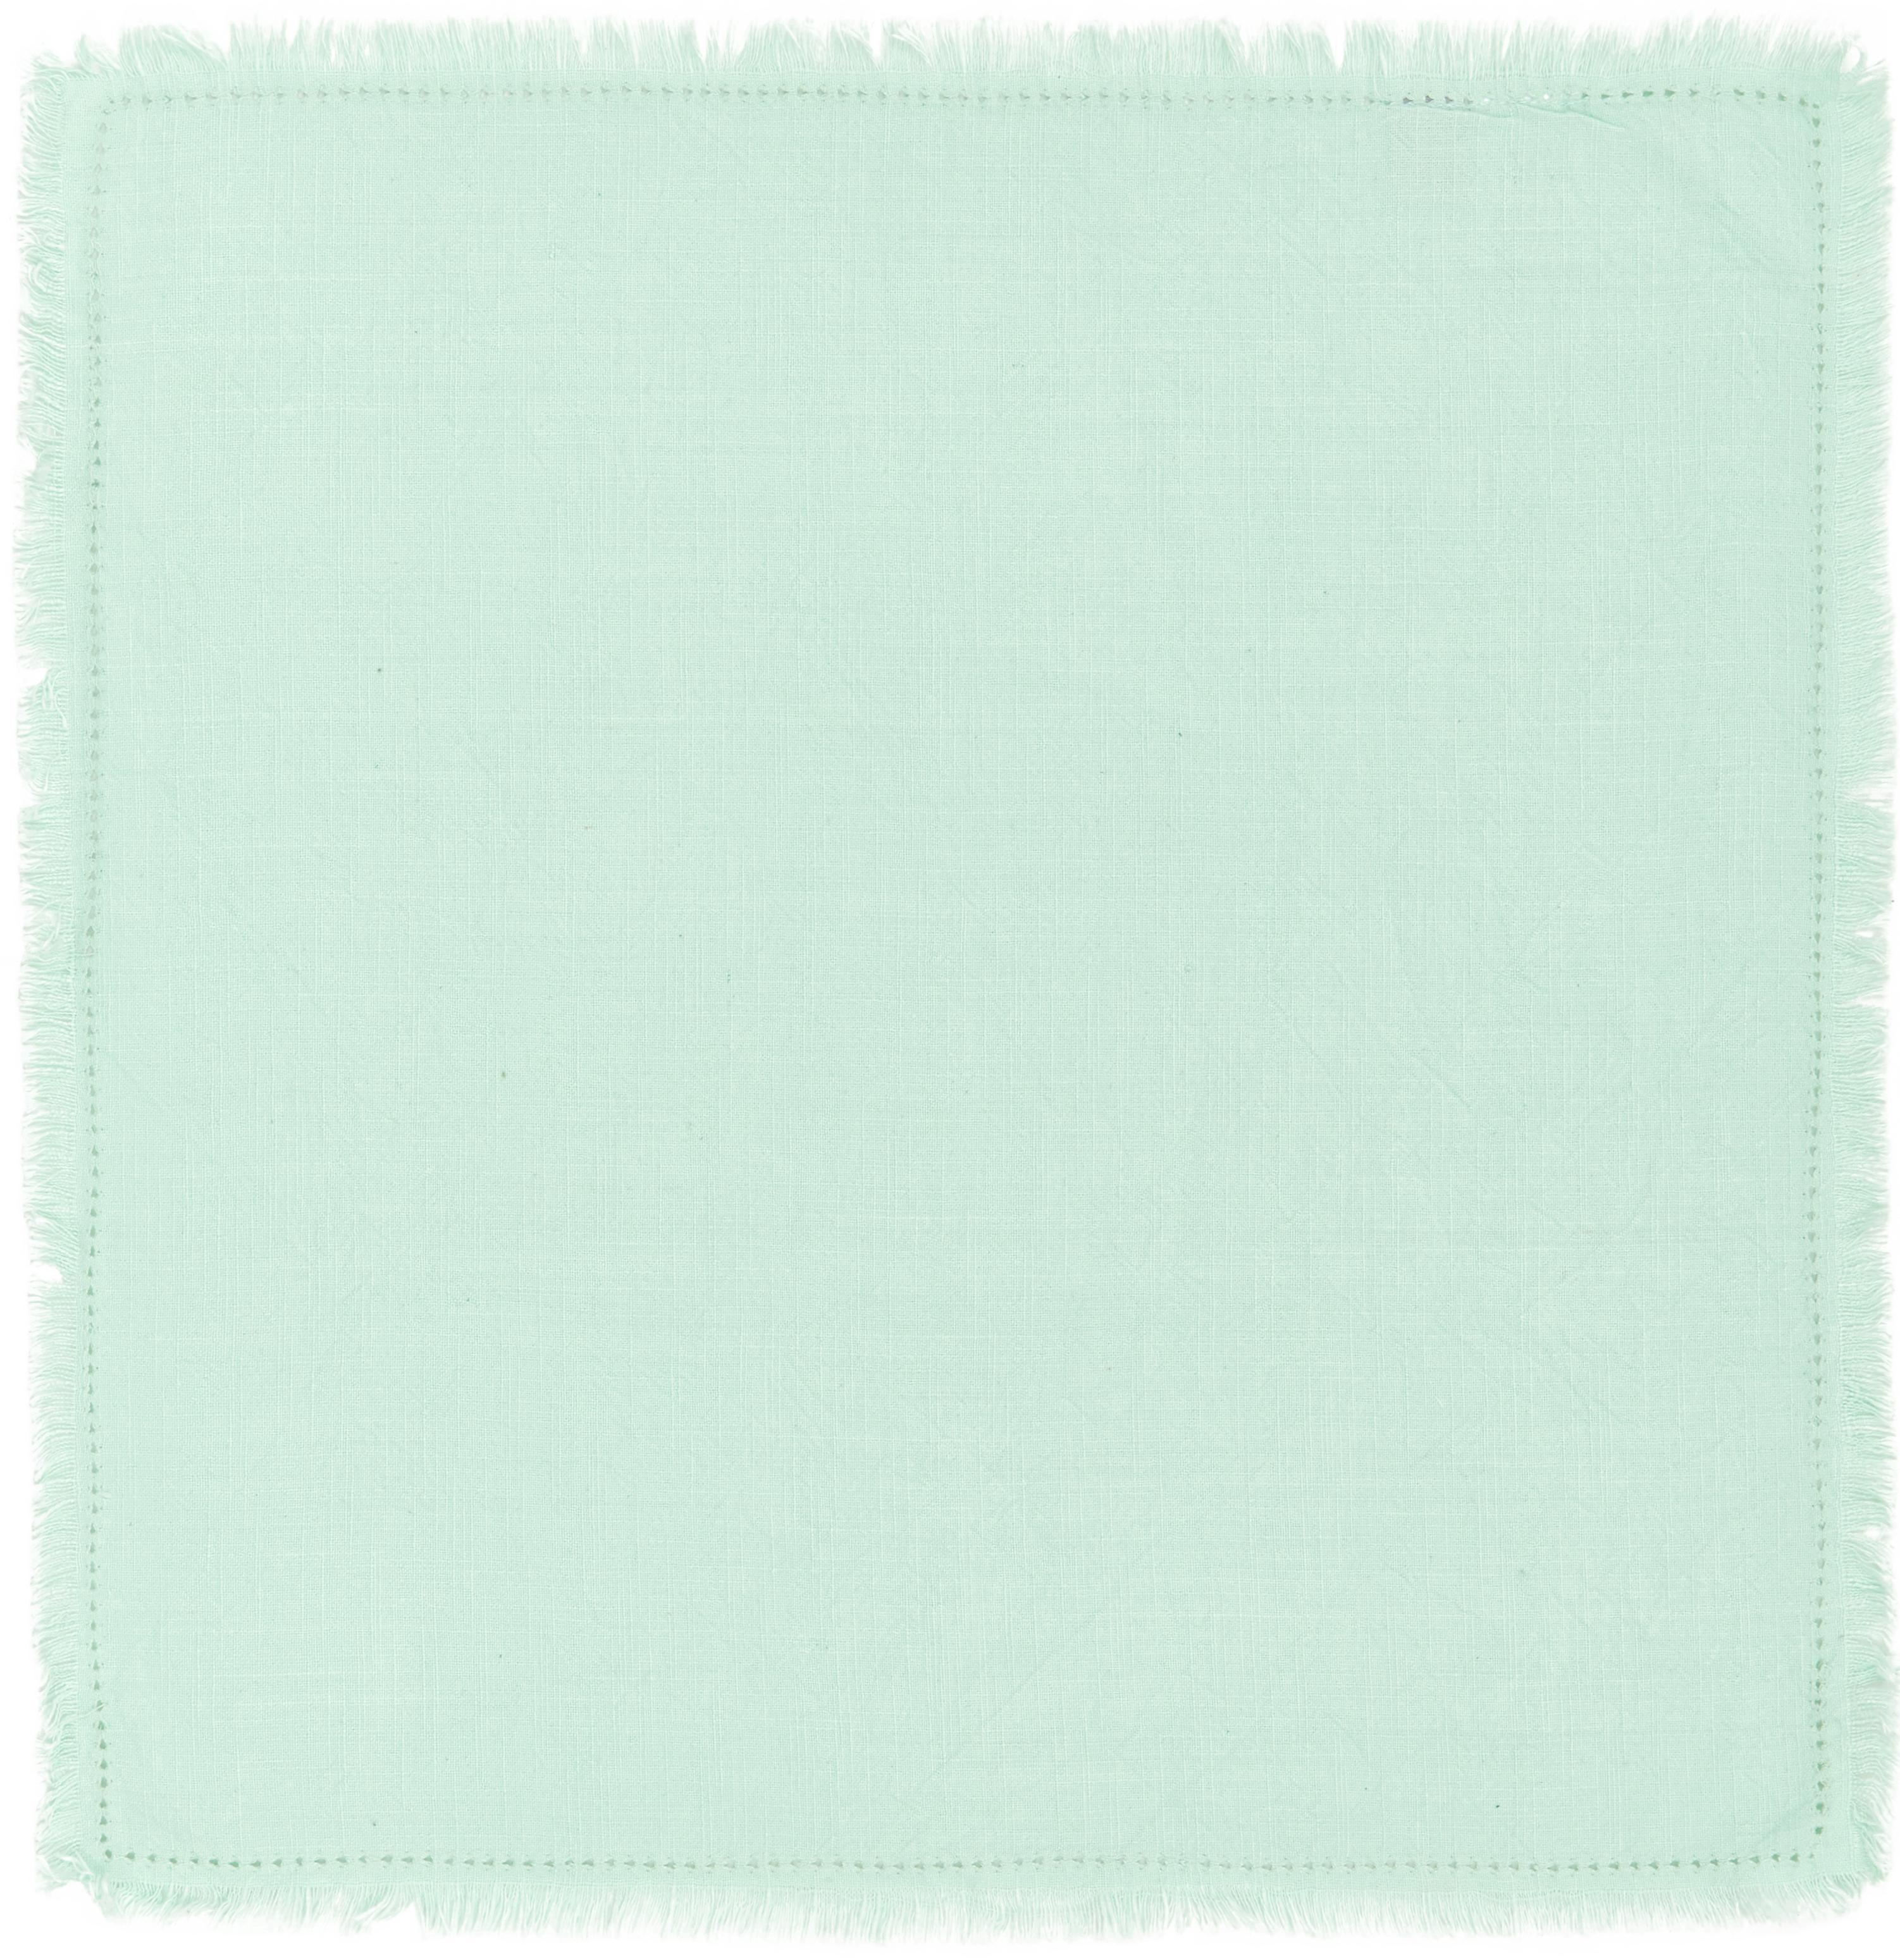 Baumwoll-Servietten Hilma mit Fransen, 2 Stück, 100% Baumwolle, Mintgrün, 45 x 45 cm